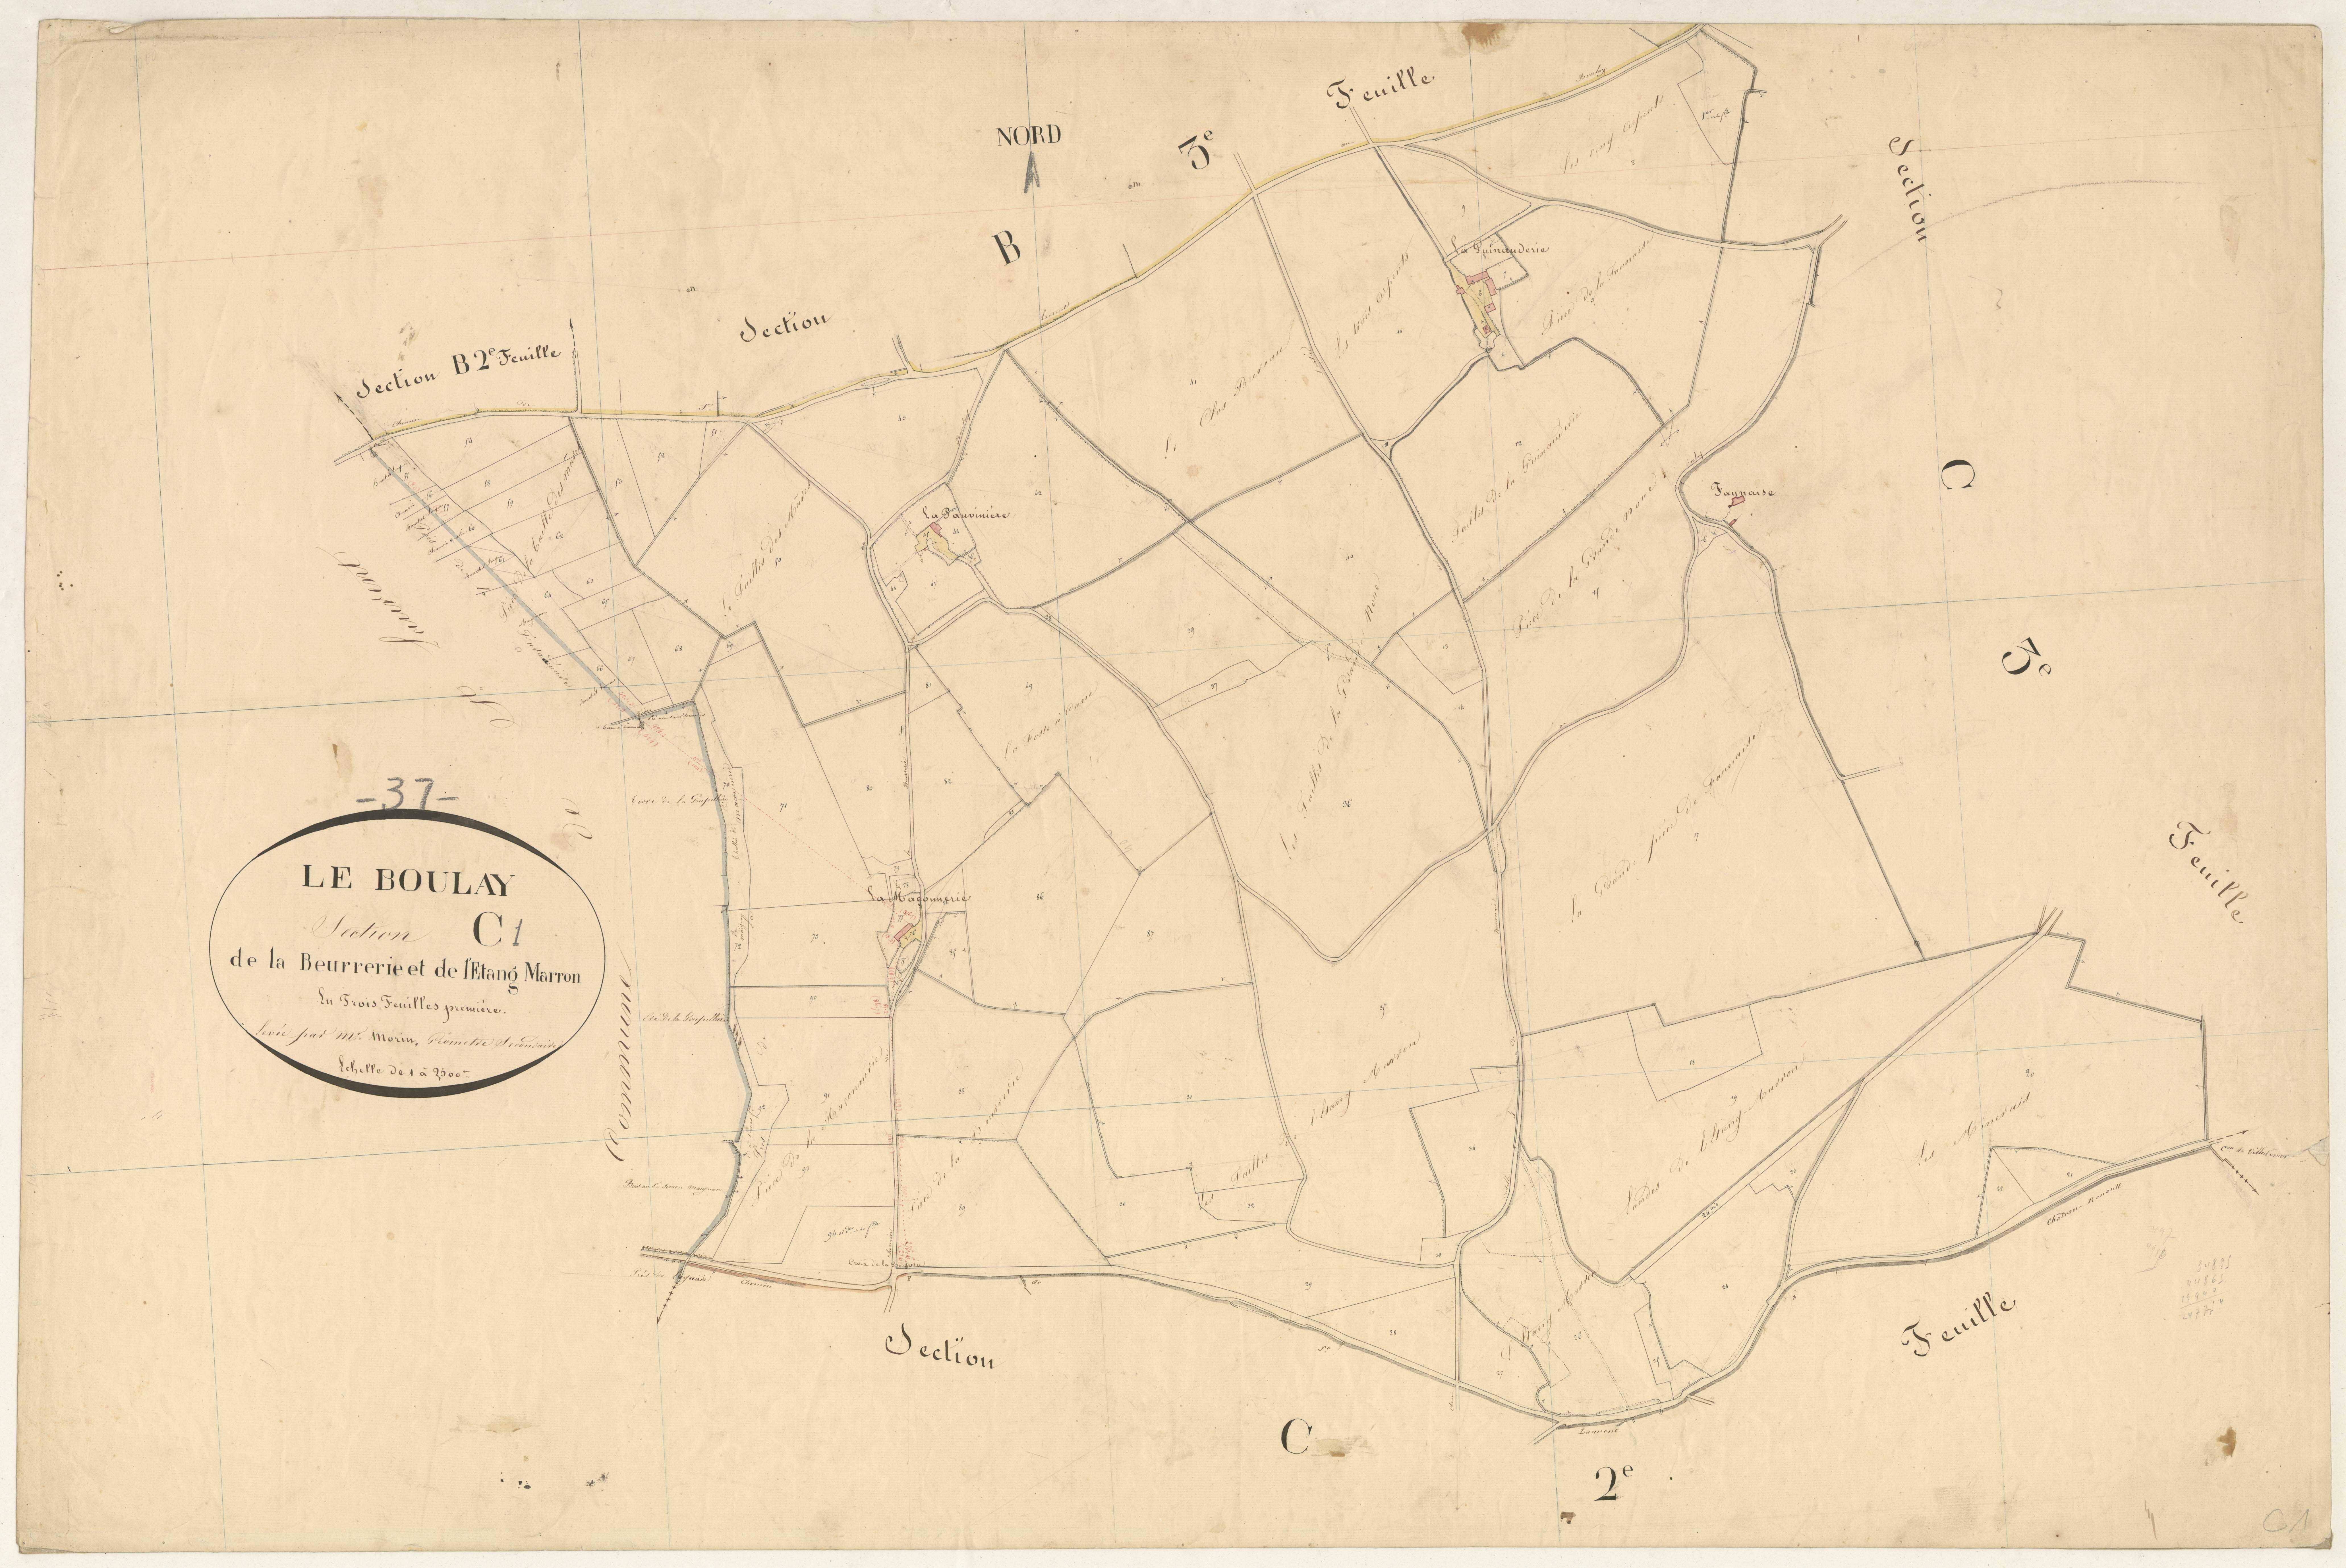 Section C1 de la Beurrerie et de l'Etang Marron